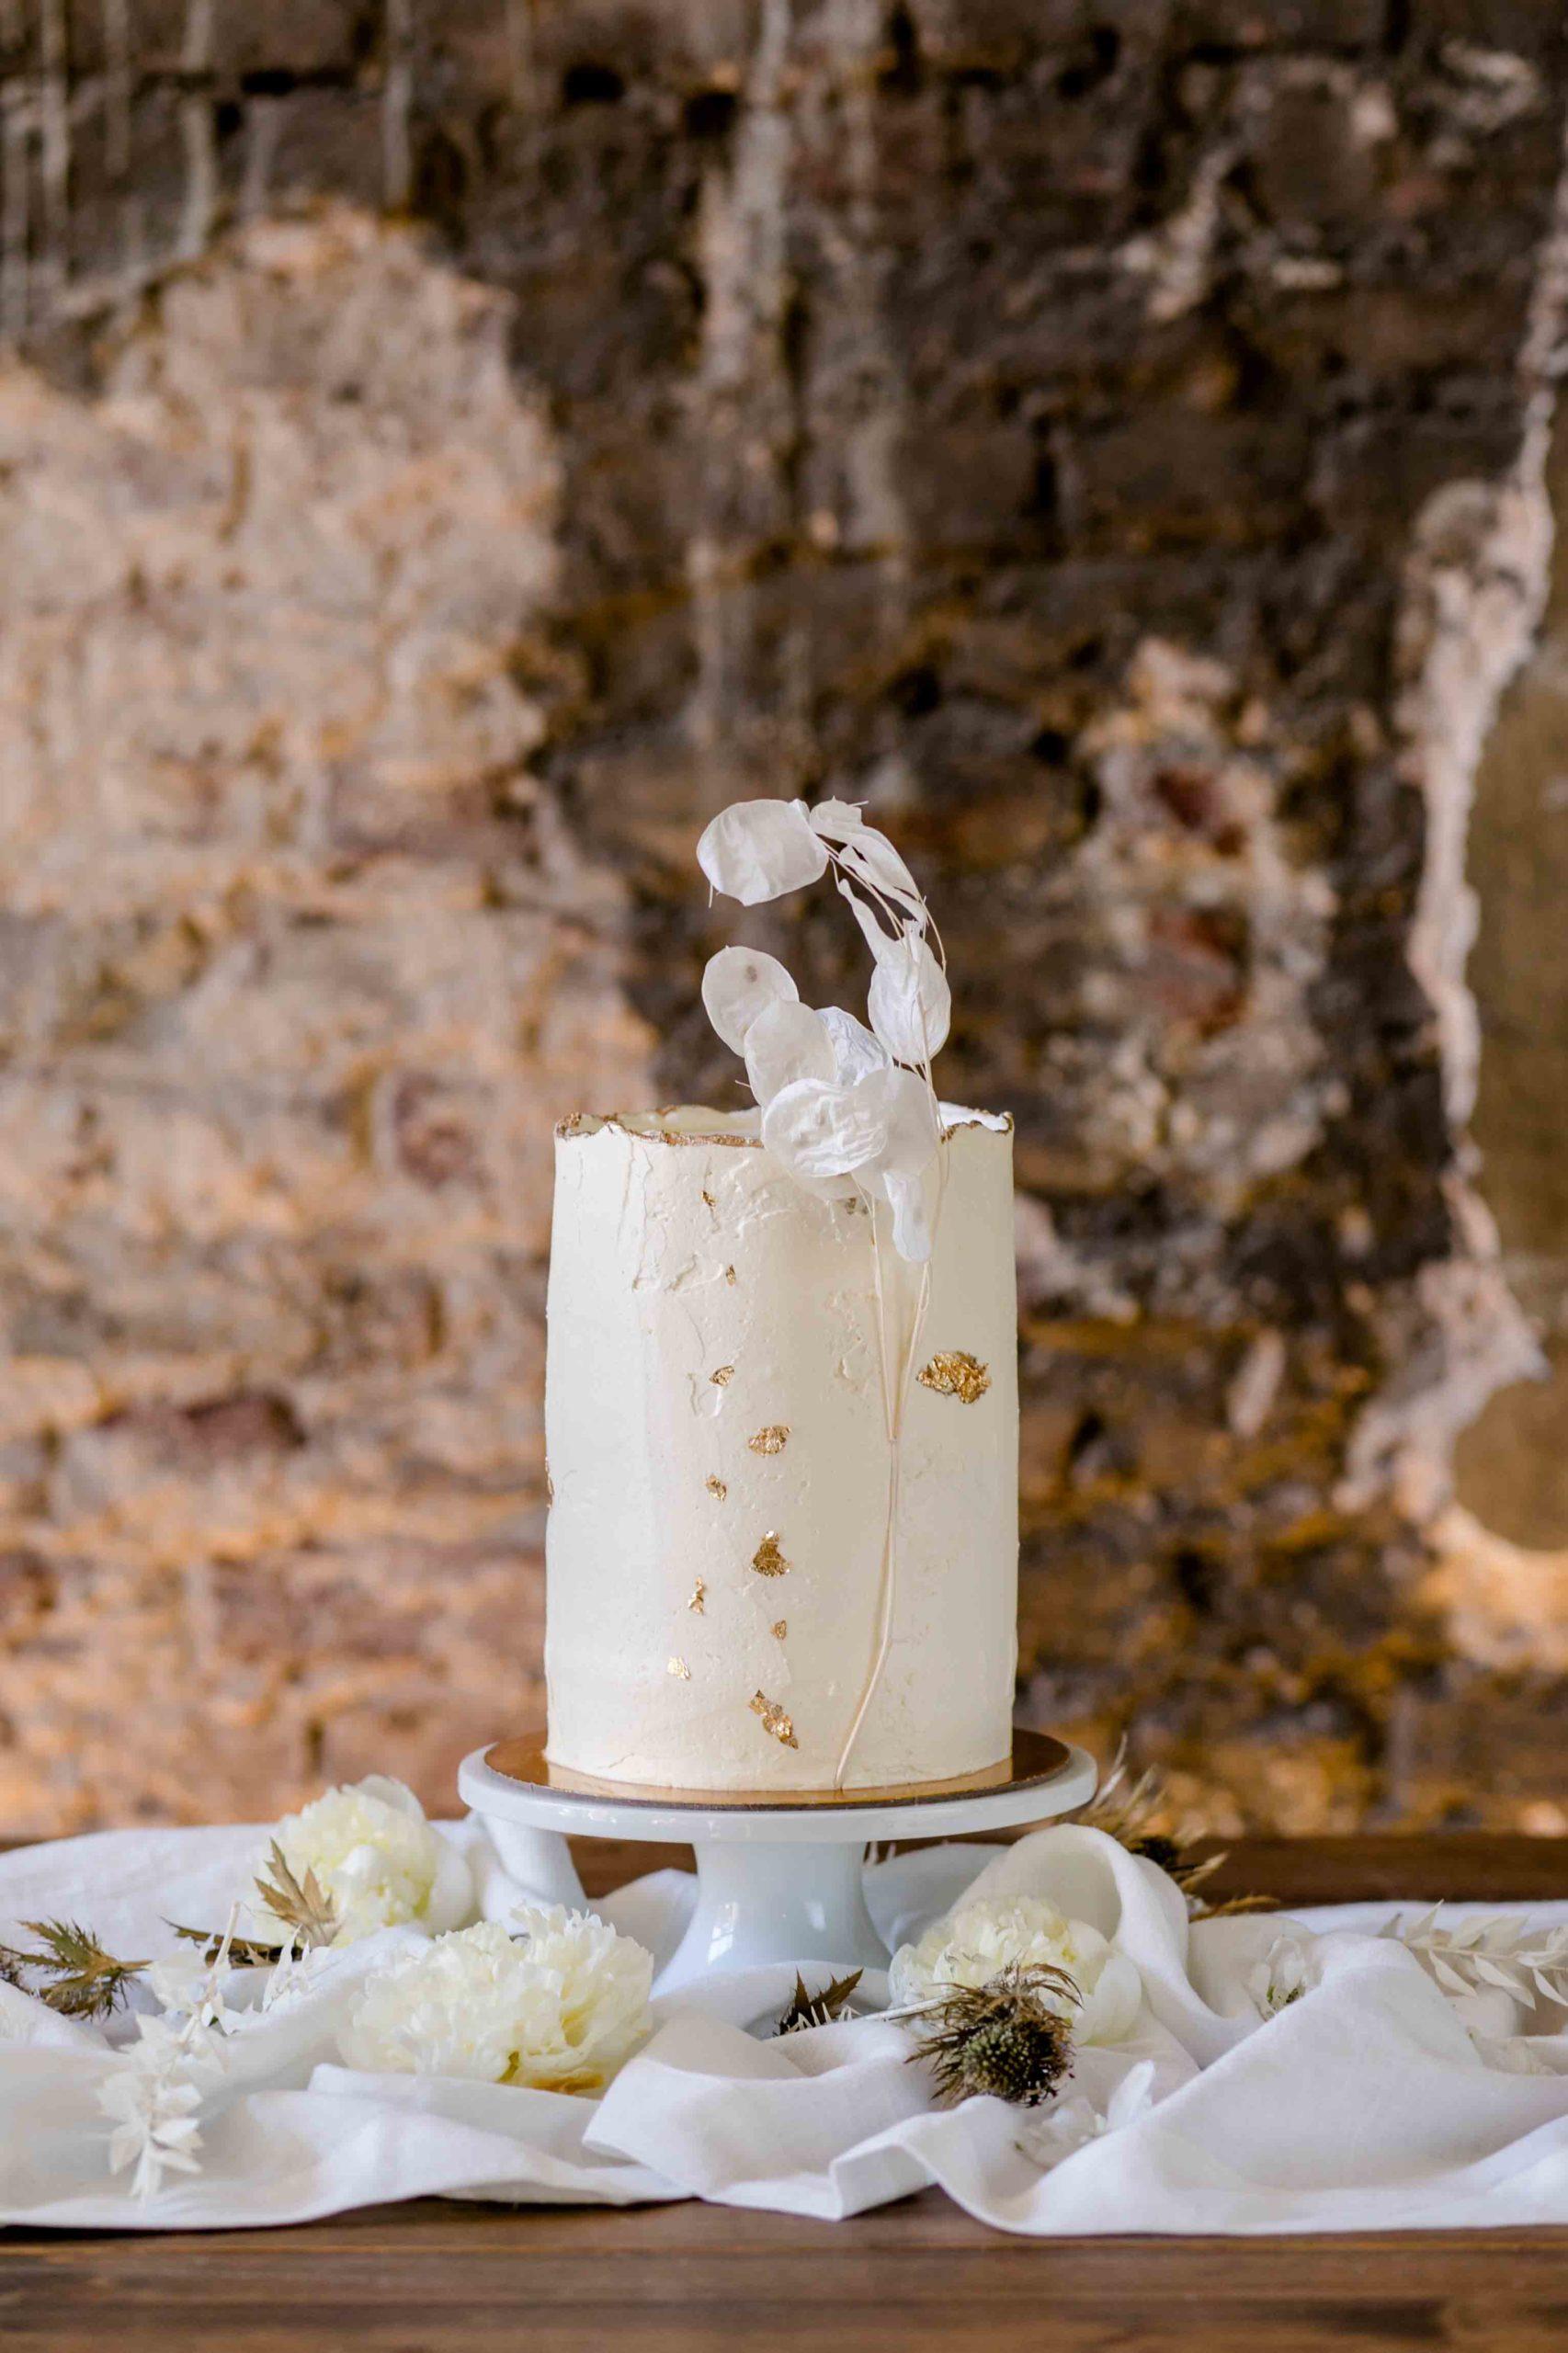 Detailaufnahme Hochzeitstorte im Naked Cake-Stil in Zylinderform vor Wand im Shabby Chic